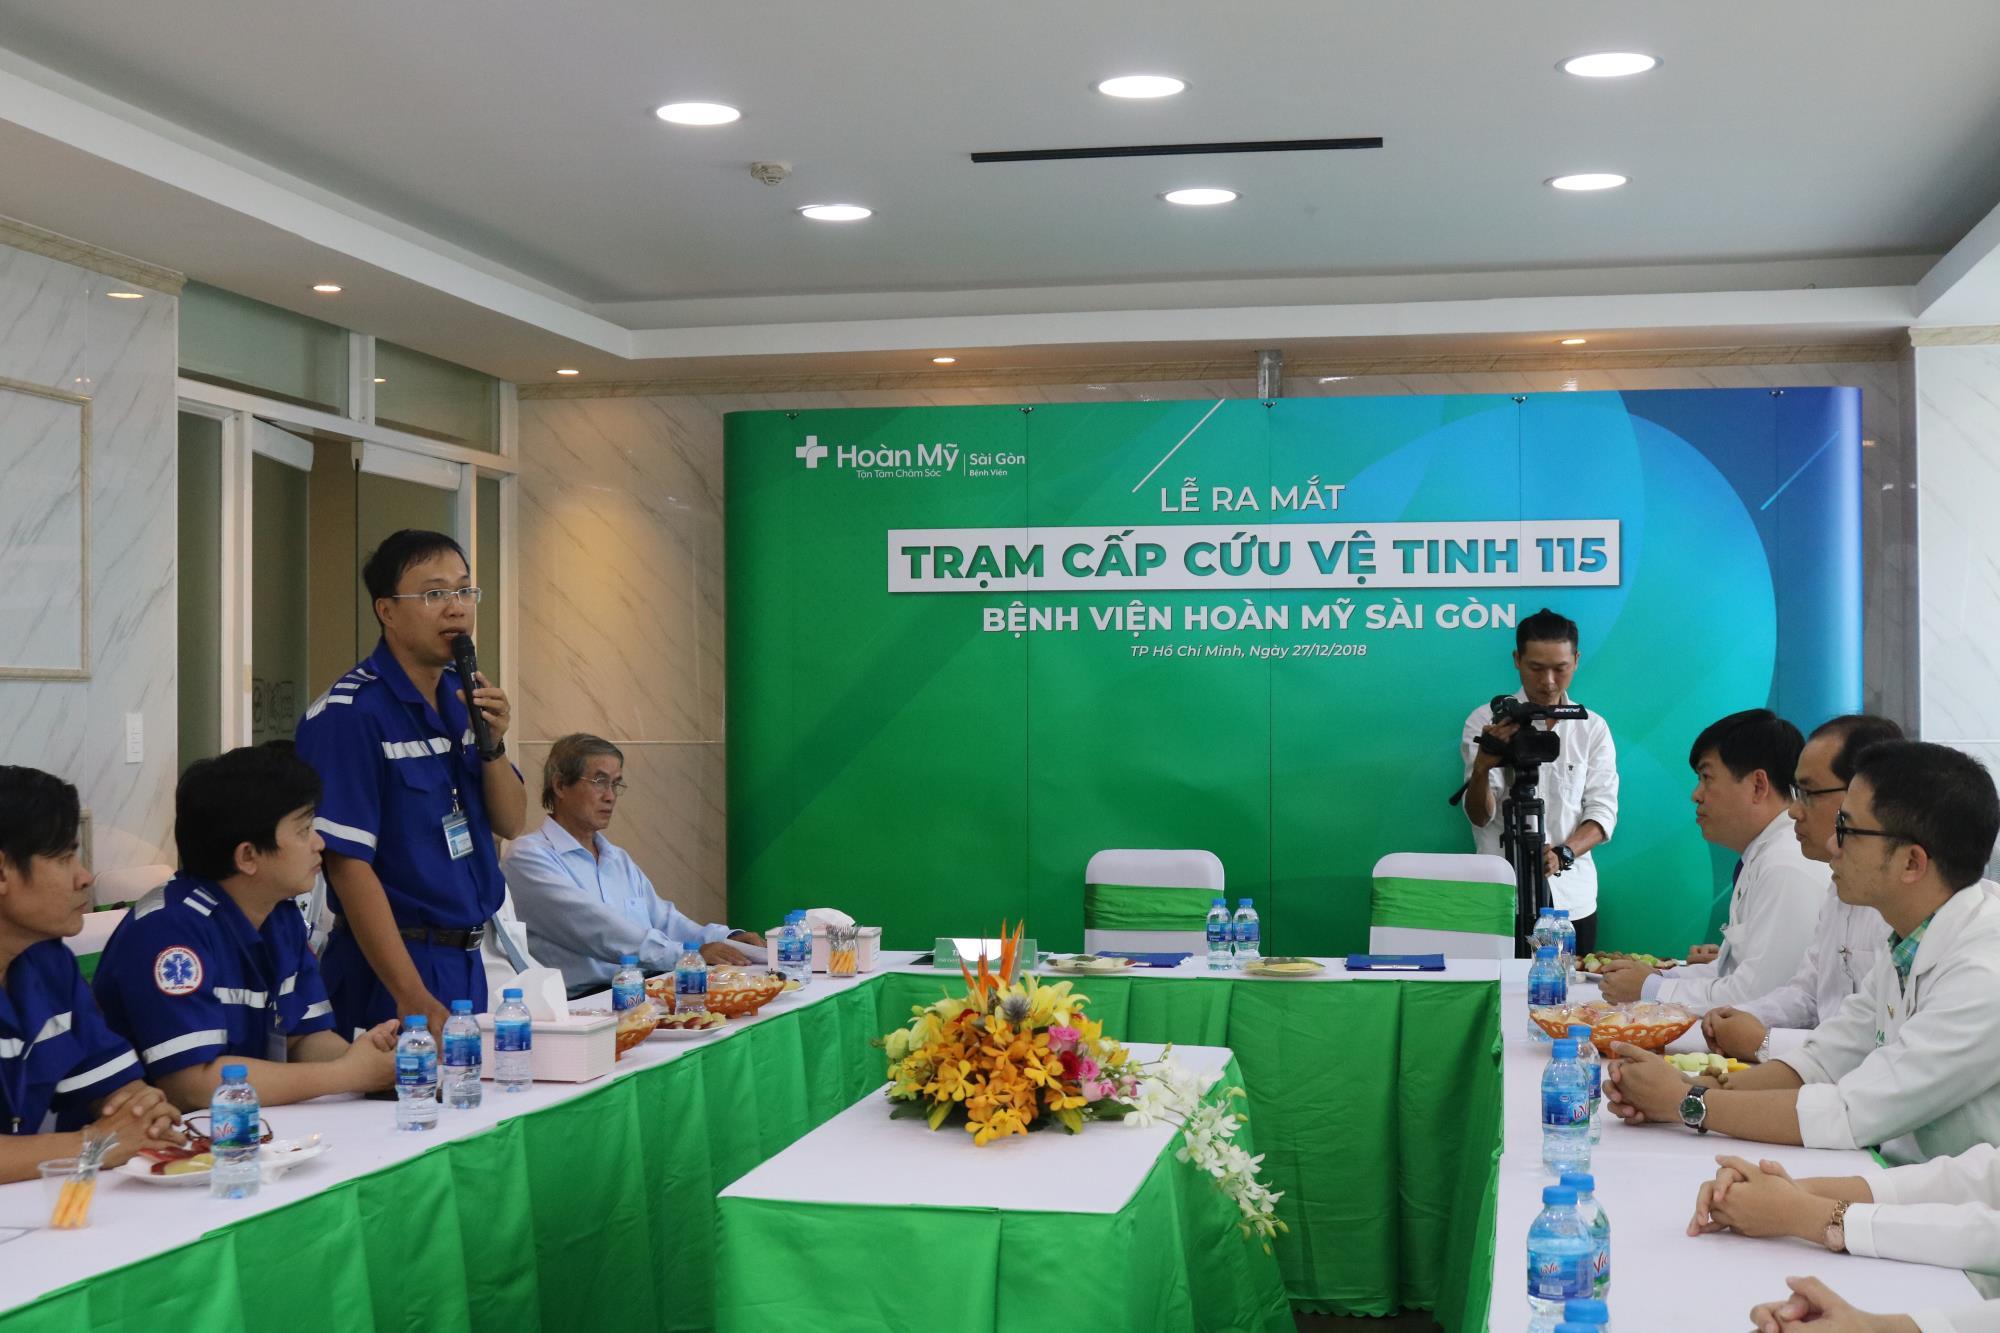 Bác sĩ Nguyễn Duy Long, Giám đốc Trung tâm Cấp cứu 115 TP HCM cho biết đây là trạm vệ tinh thứ 27 của hệ thống cấp cứu ngoại viện